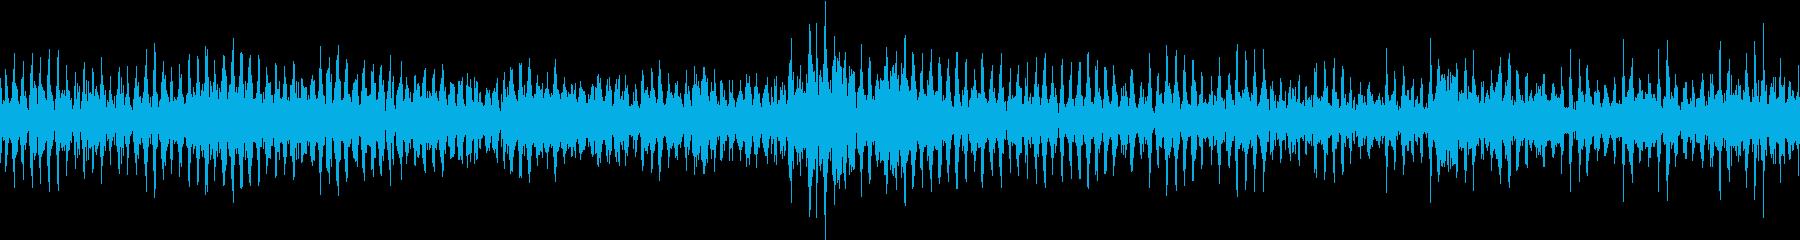 水中モーターの再生済みの波形